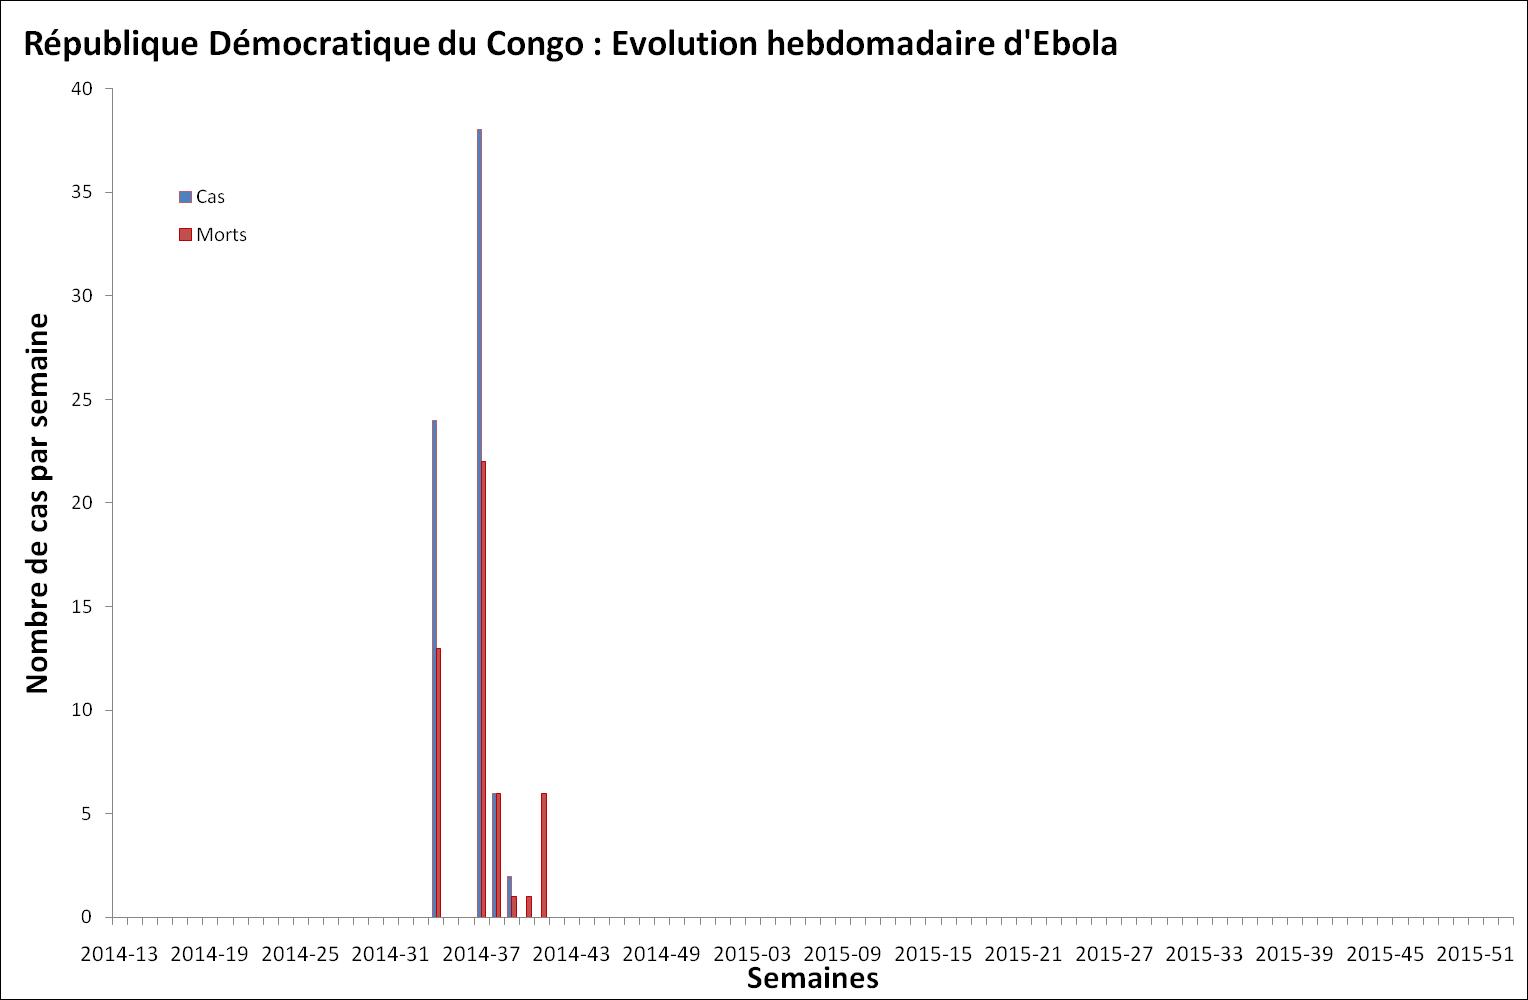 Evolution hebdomadaire des nouveaux cas et décès dus à Ebola en république démocratique du Congo (Congo-Kinshasa)